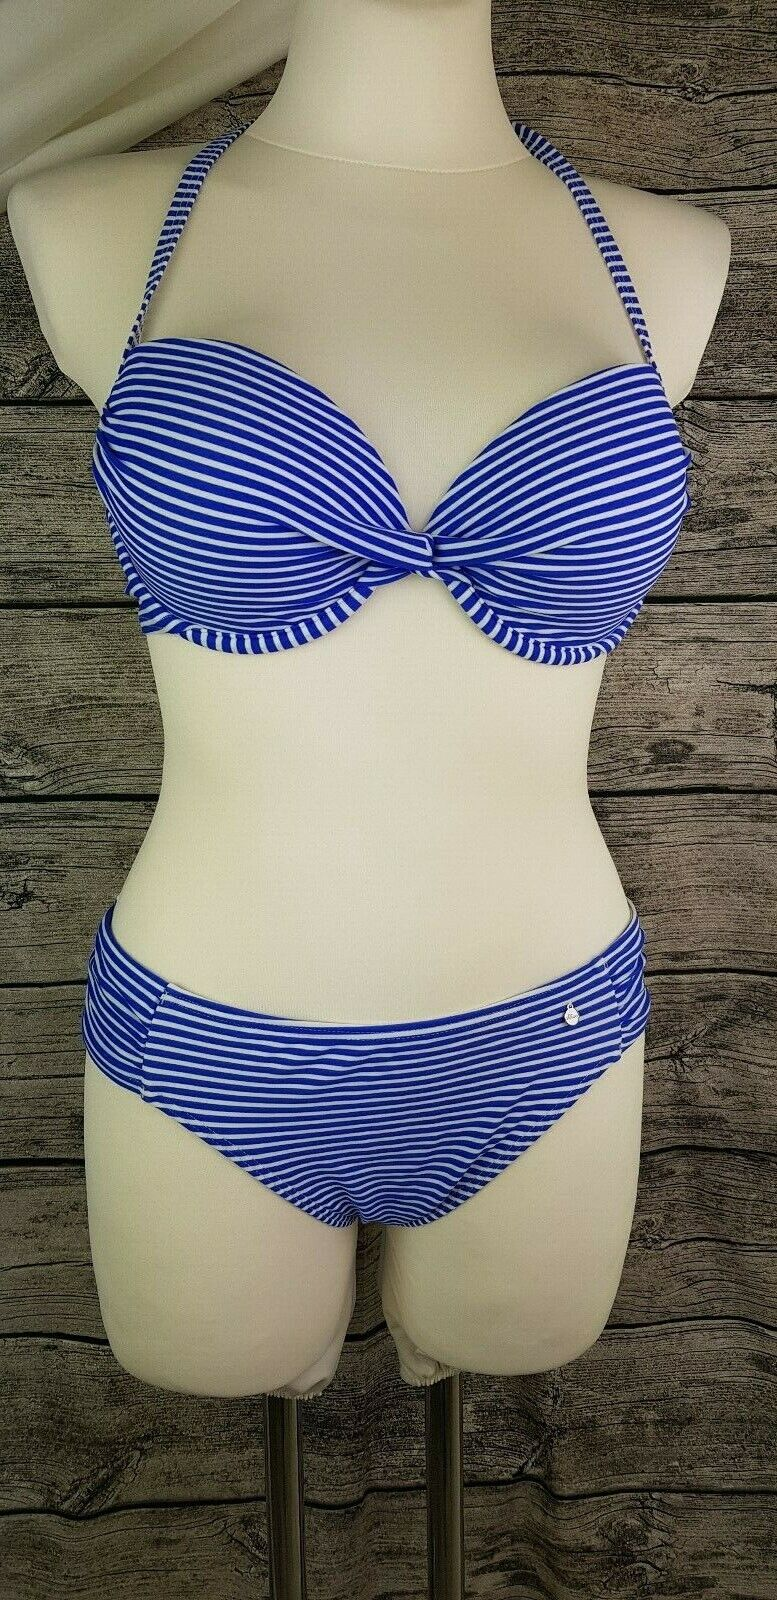 S.Oliver Bikini navy blau weiß gestreift Neckholder Push up BH und Slip 40 C Neu